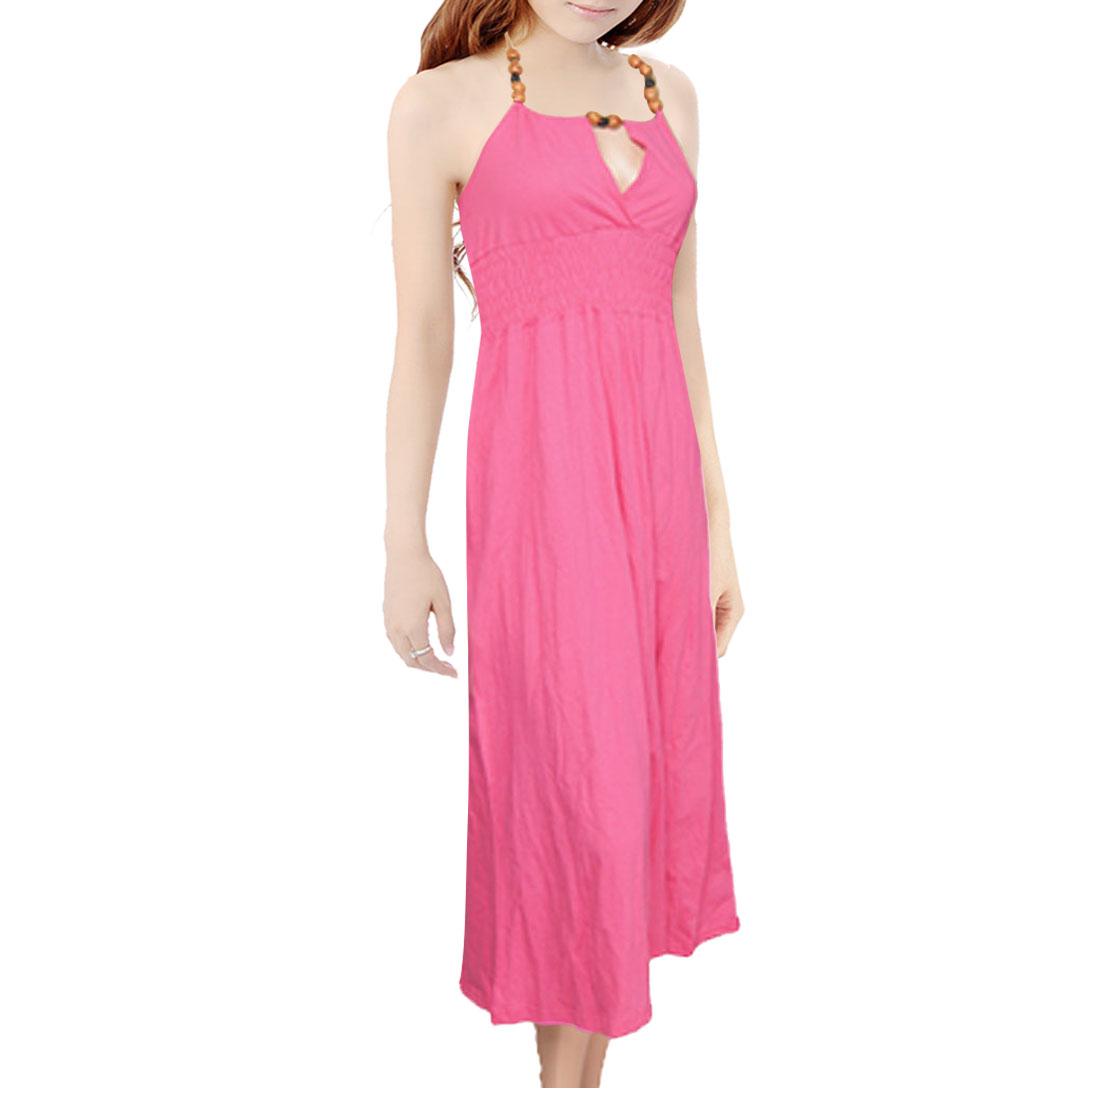 Ladies V Split Wooden Beads Halter Neck Fuchsia Dress XS